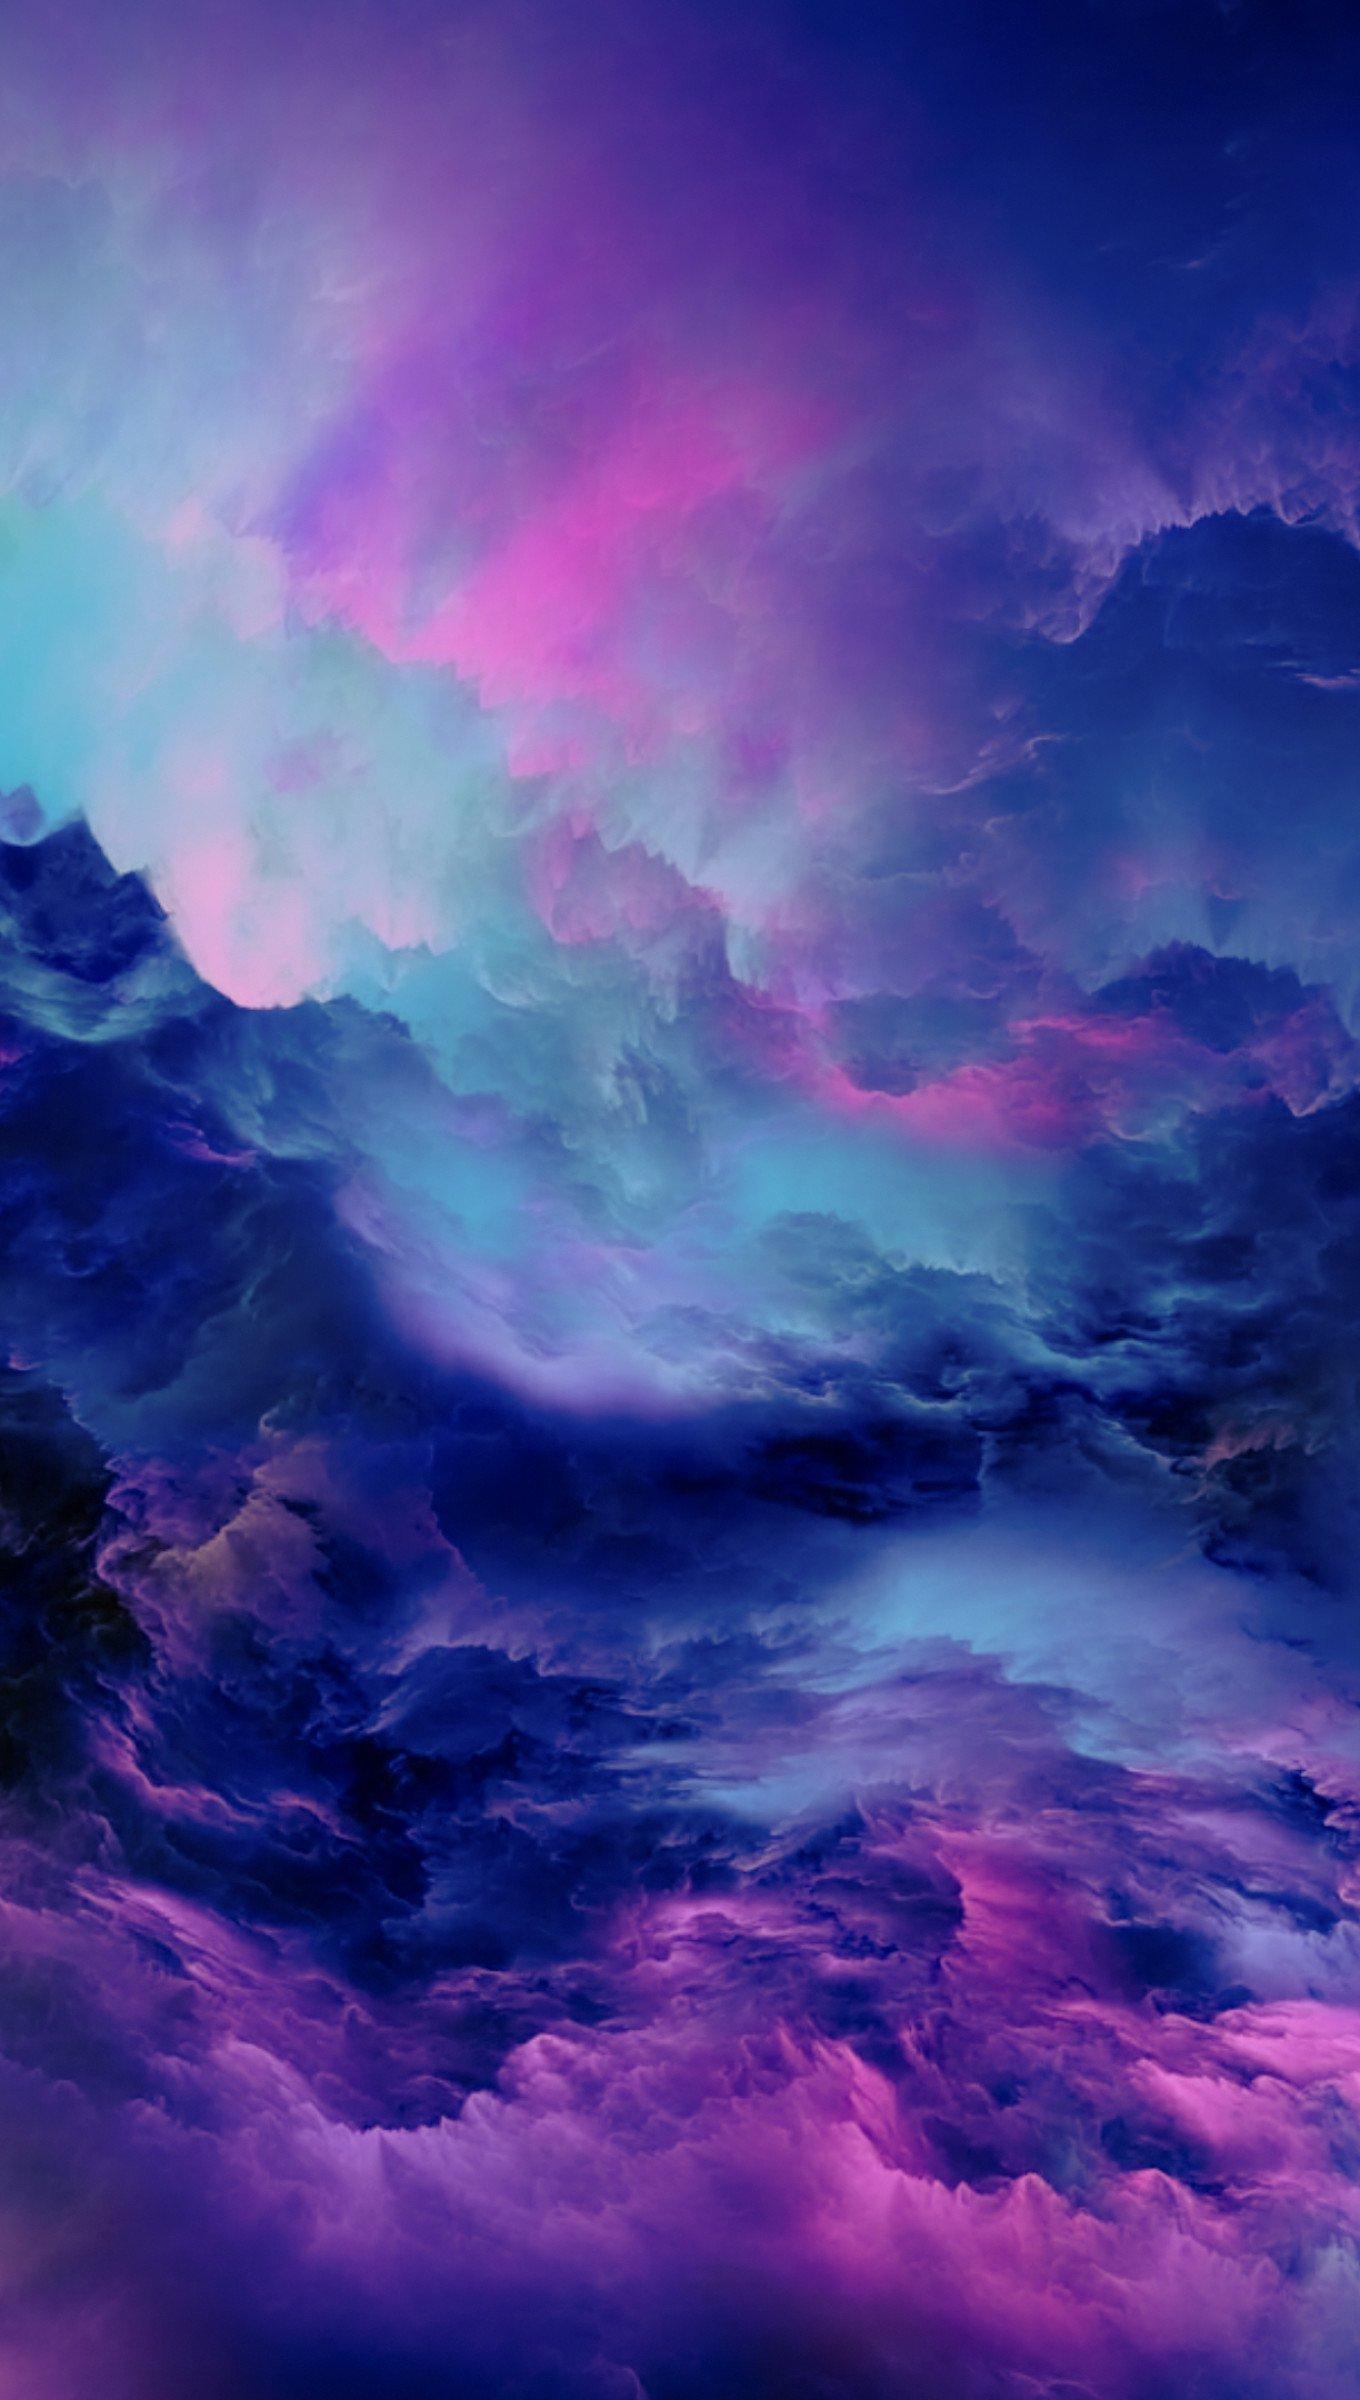 Fondos de pantalla Nubes abstractas iluminadas Vertical